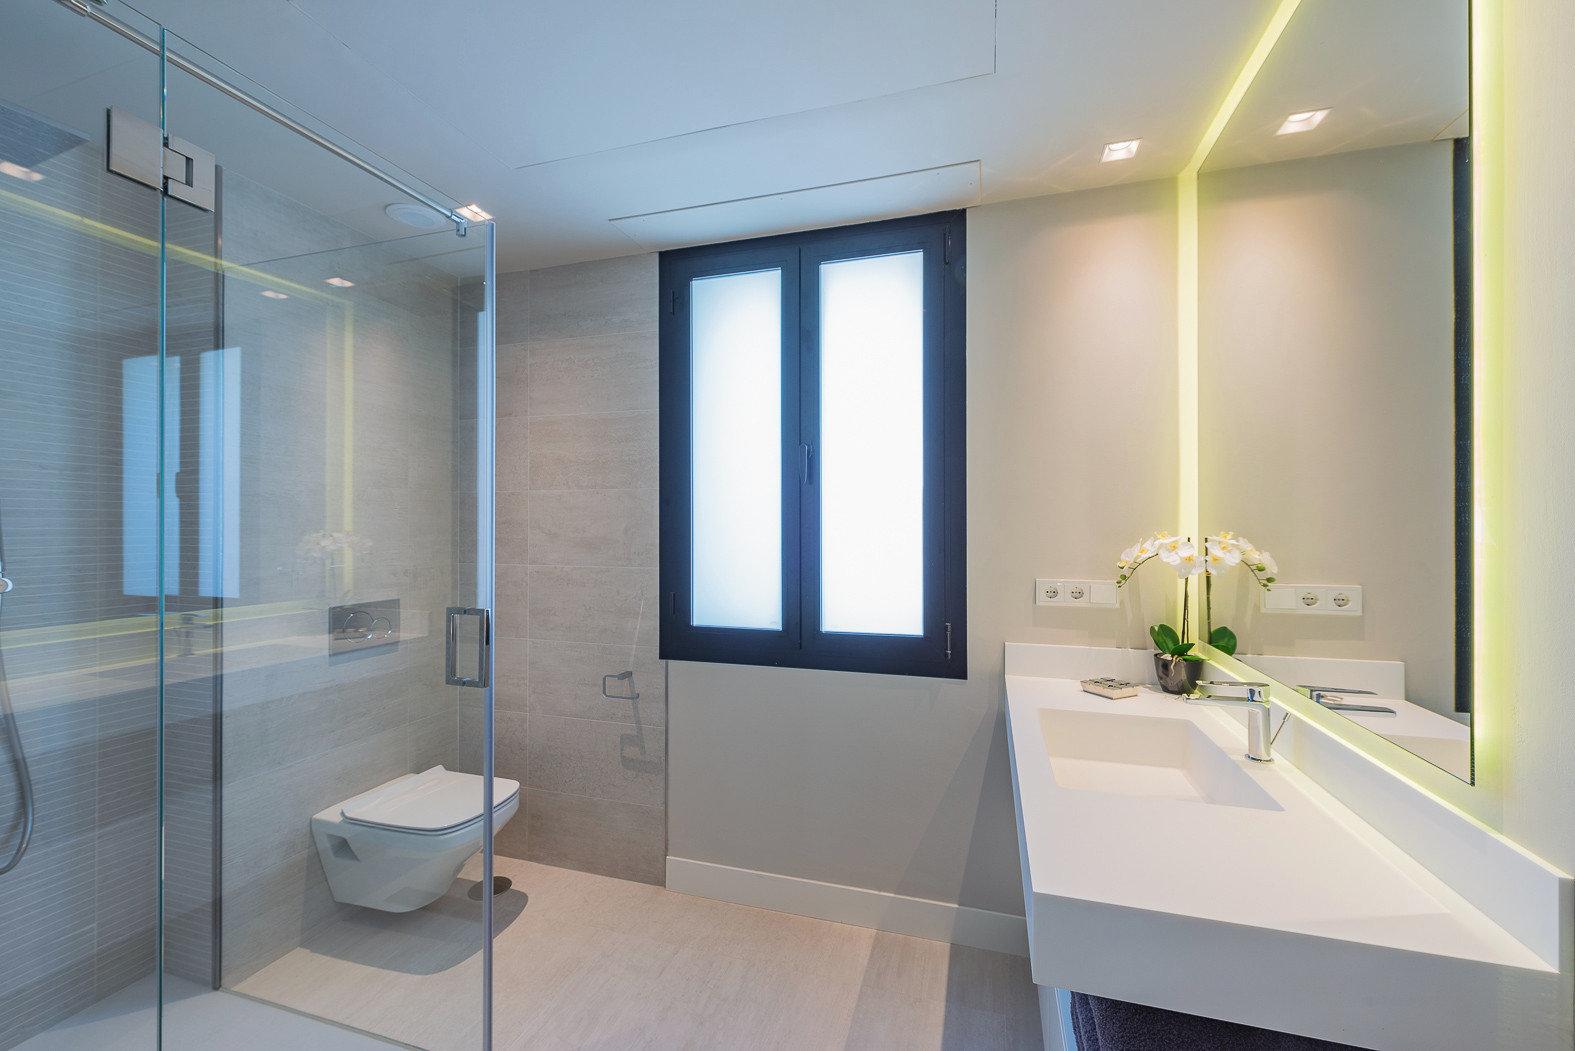 Vollausgestattetes Badezimmer mit bodentiefer Dusche und Tageslicht